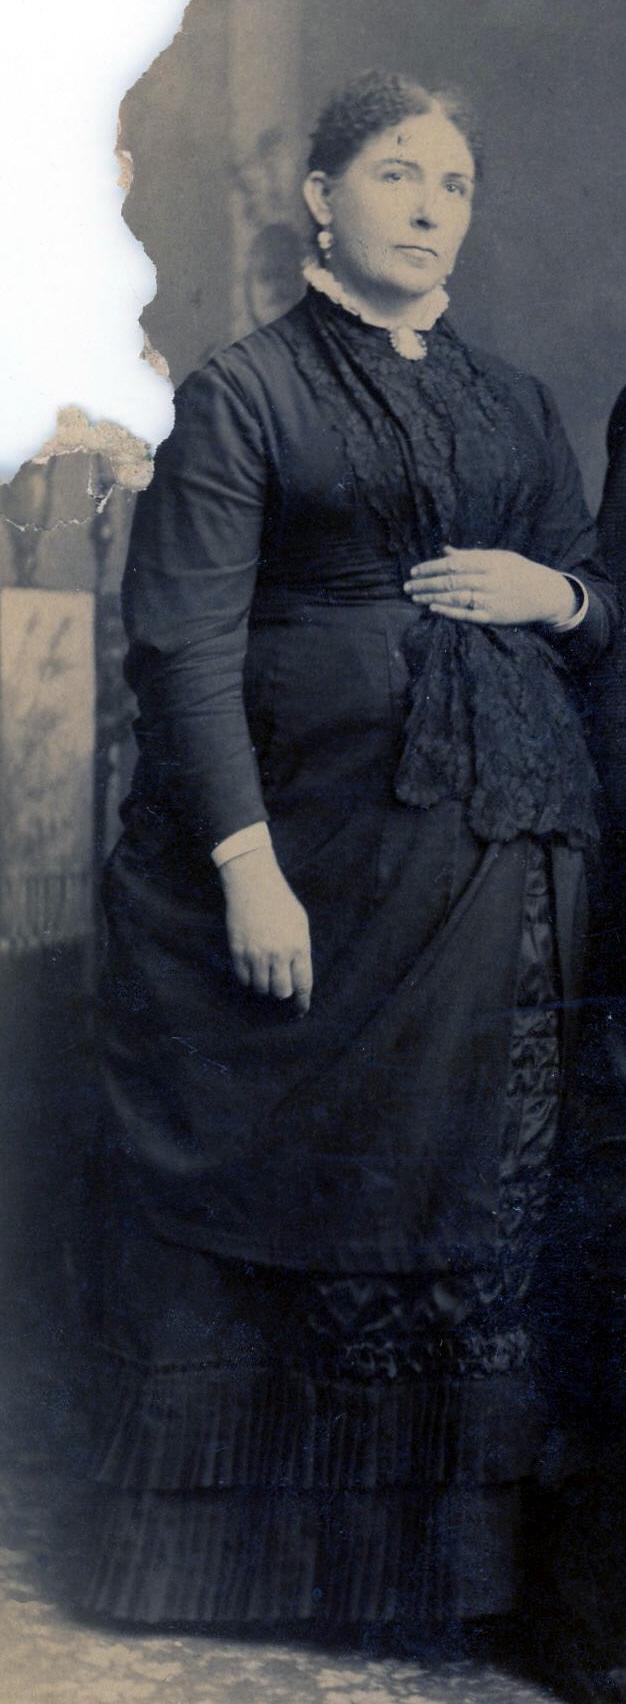 Elvira Brown Coleman